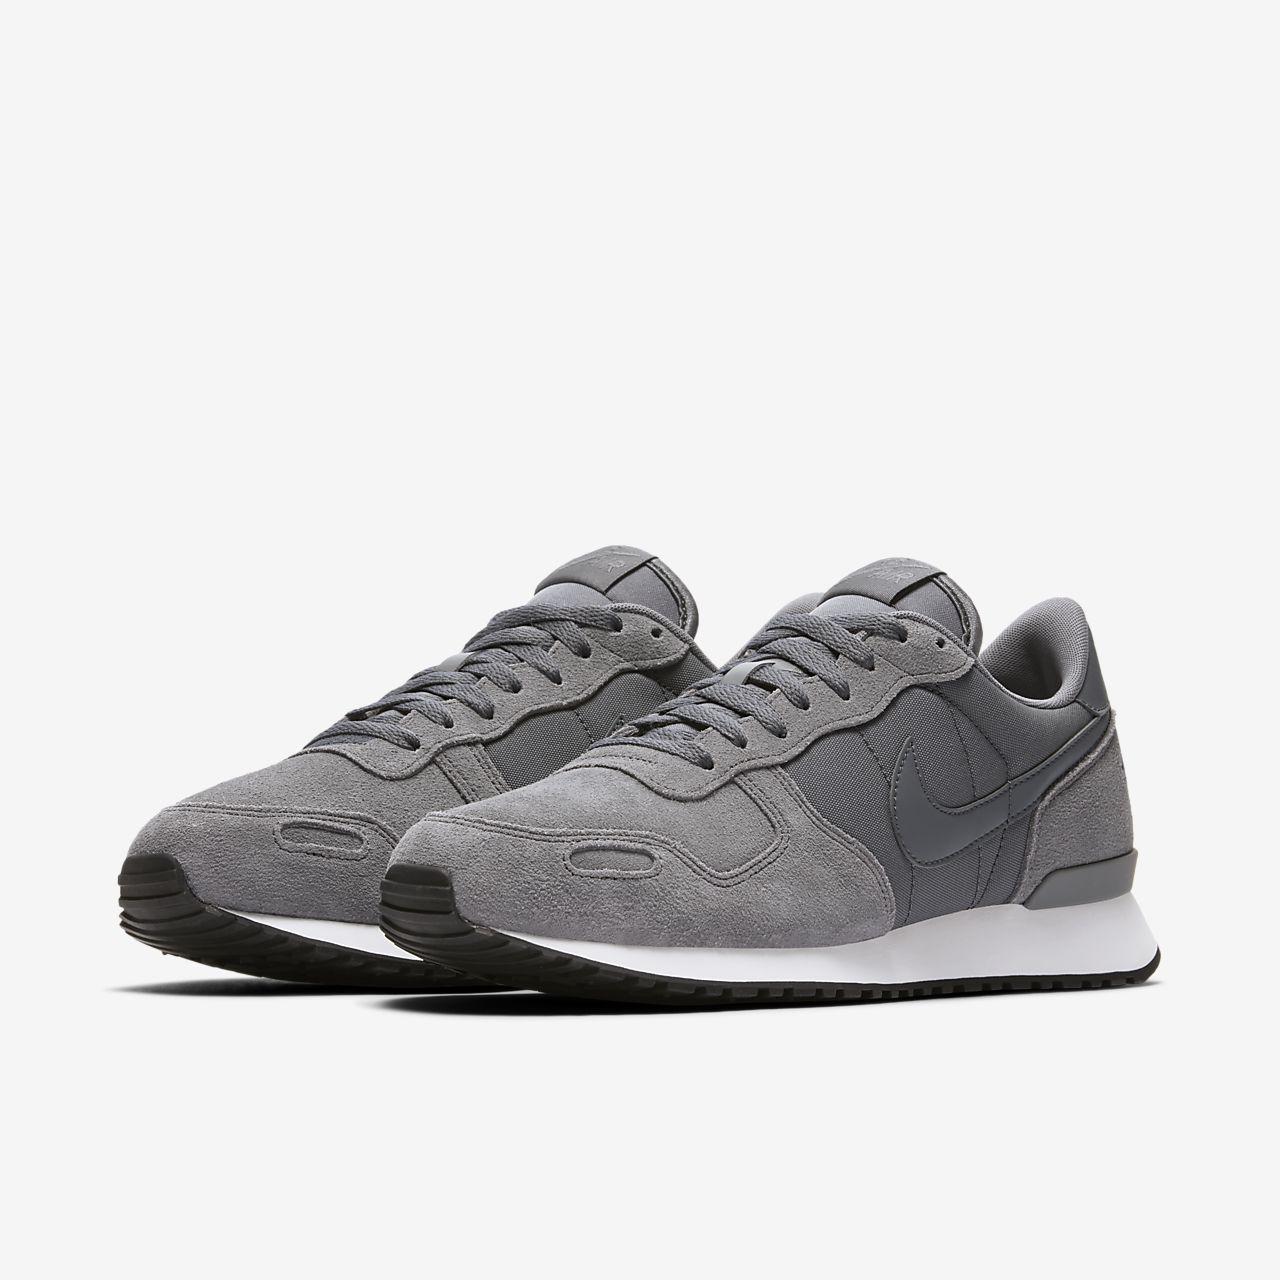 Nike Sneakers Tourbillon D'air De La Couche De Vêtements De Sport « Gris Clair / Noir / Blanc EqpaJabSJx